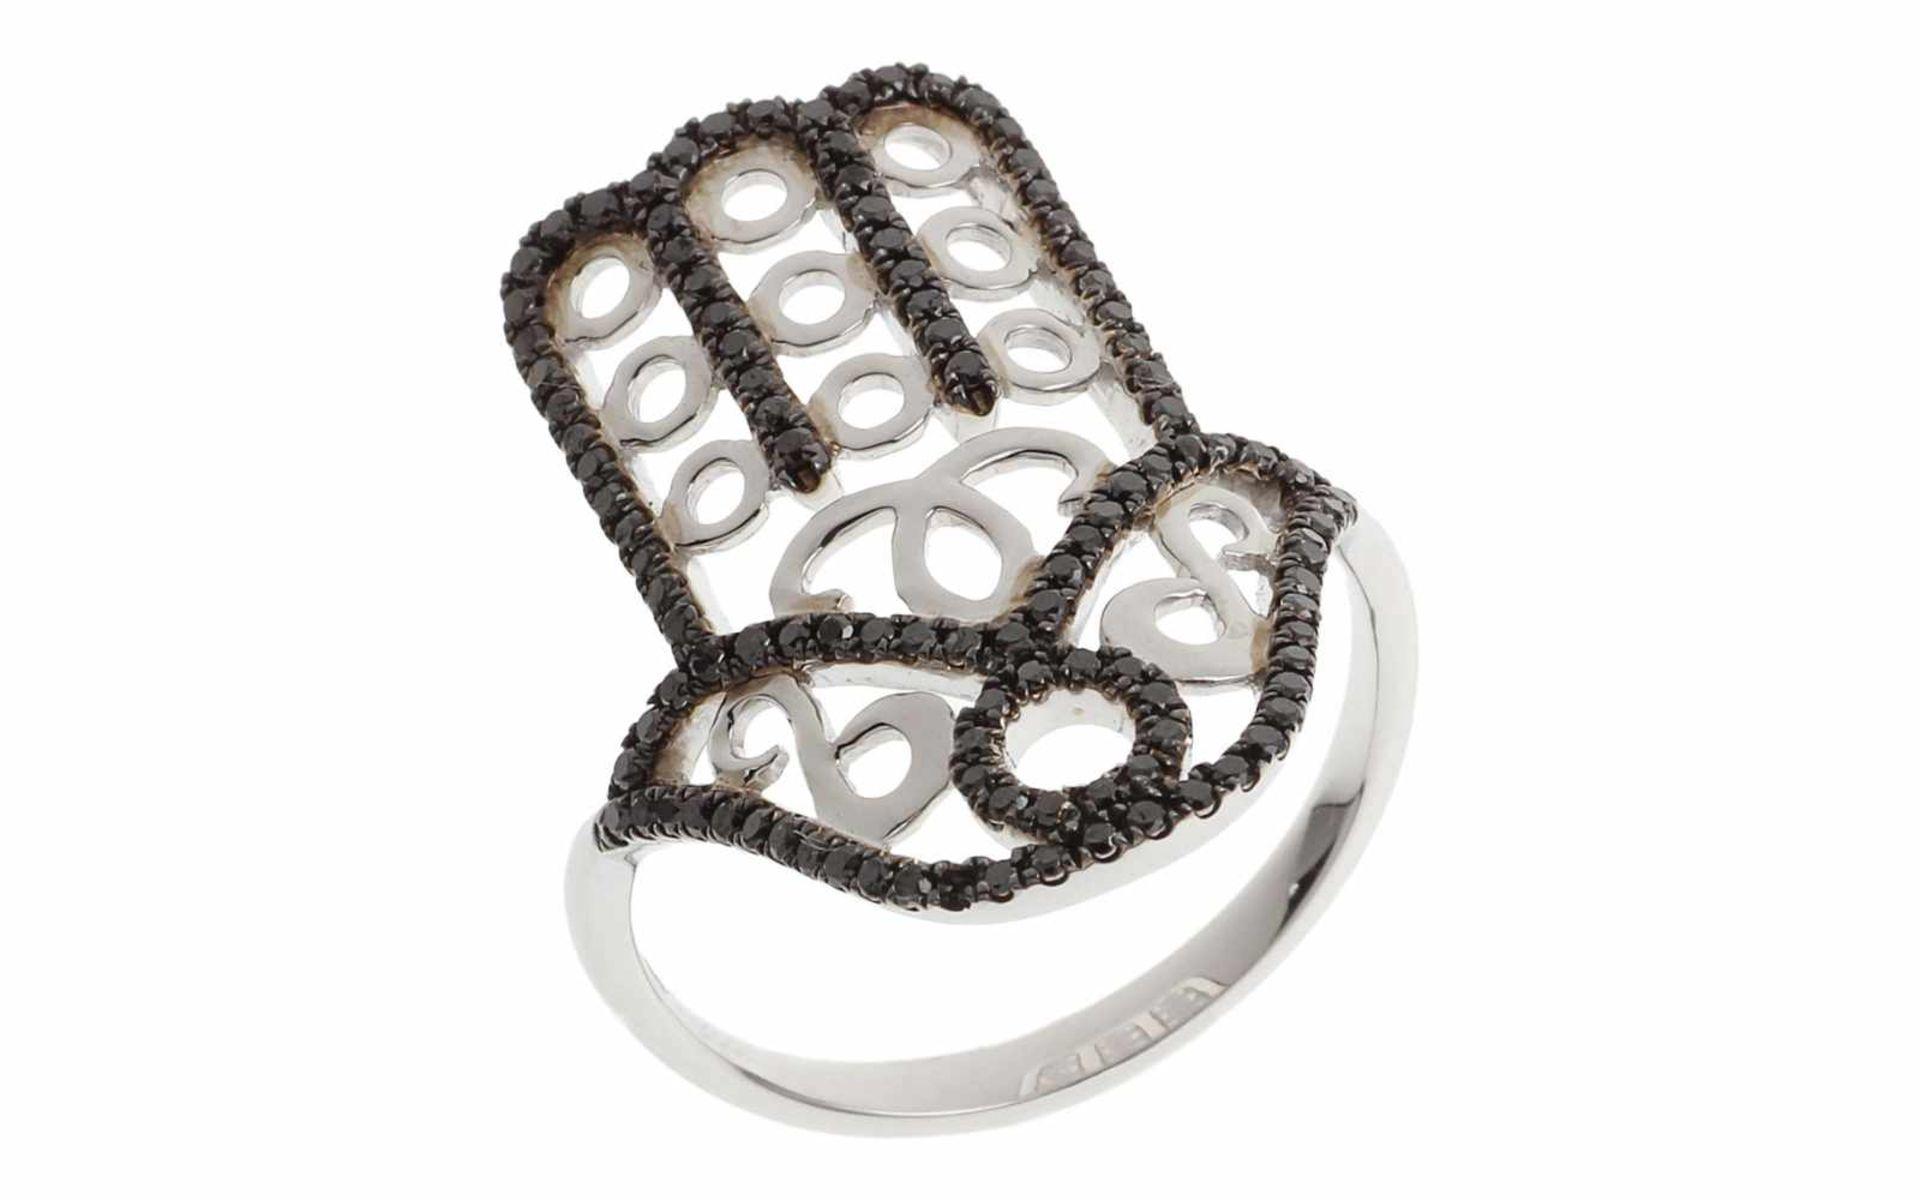 Ring Ring Hand der Fatima 18K WG mit 0,50 ct schwarzen Diamanten, RW: 55, Länge Ringkopf: 1,80 cm,